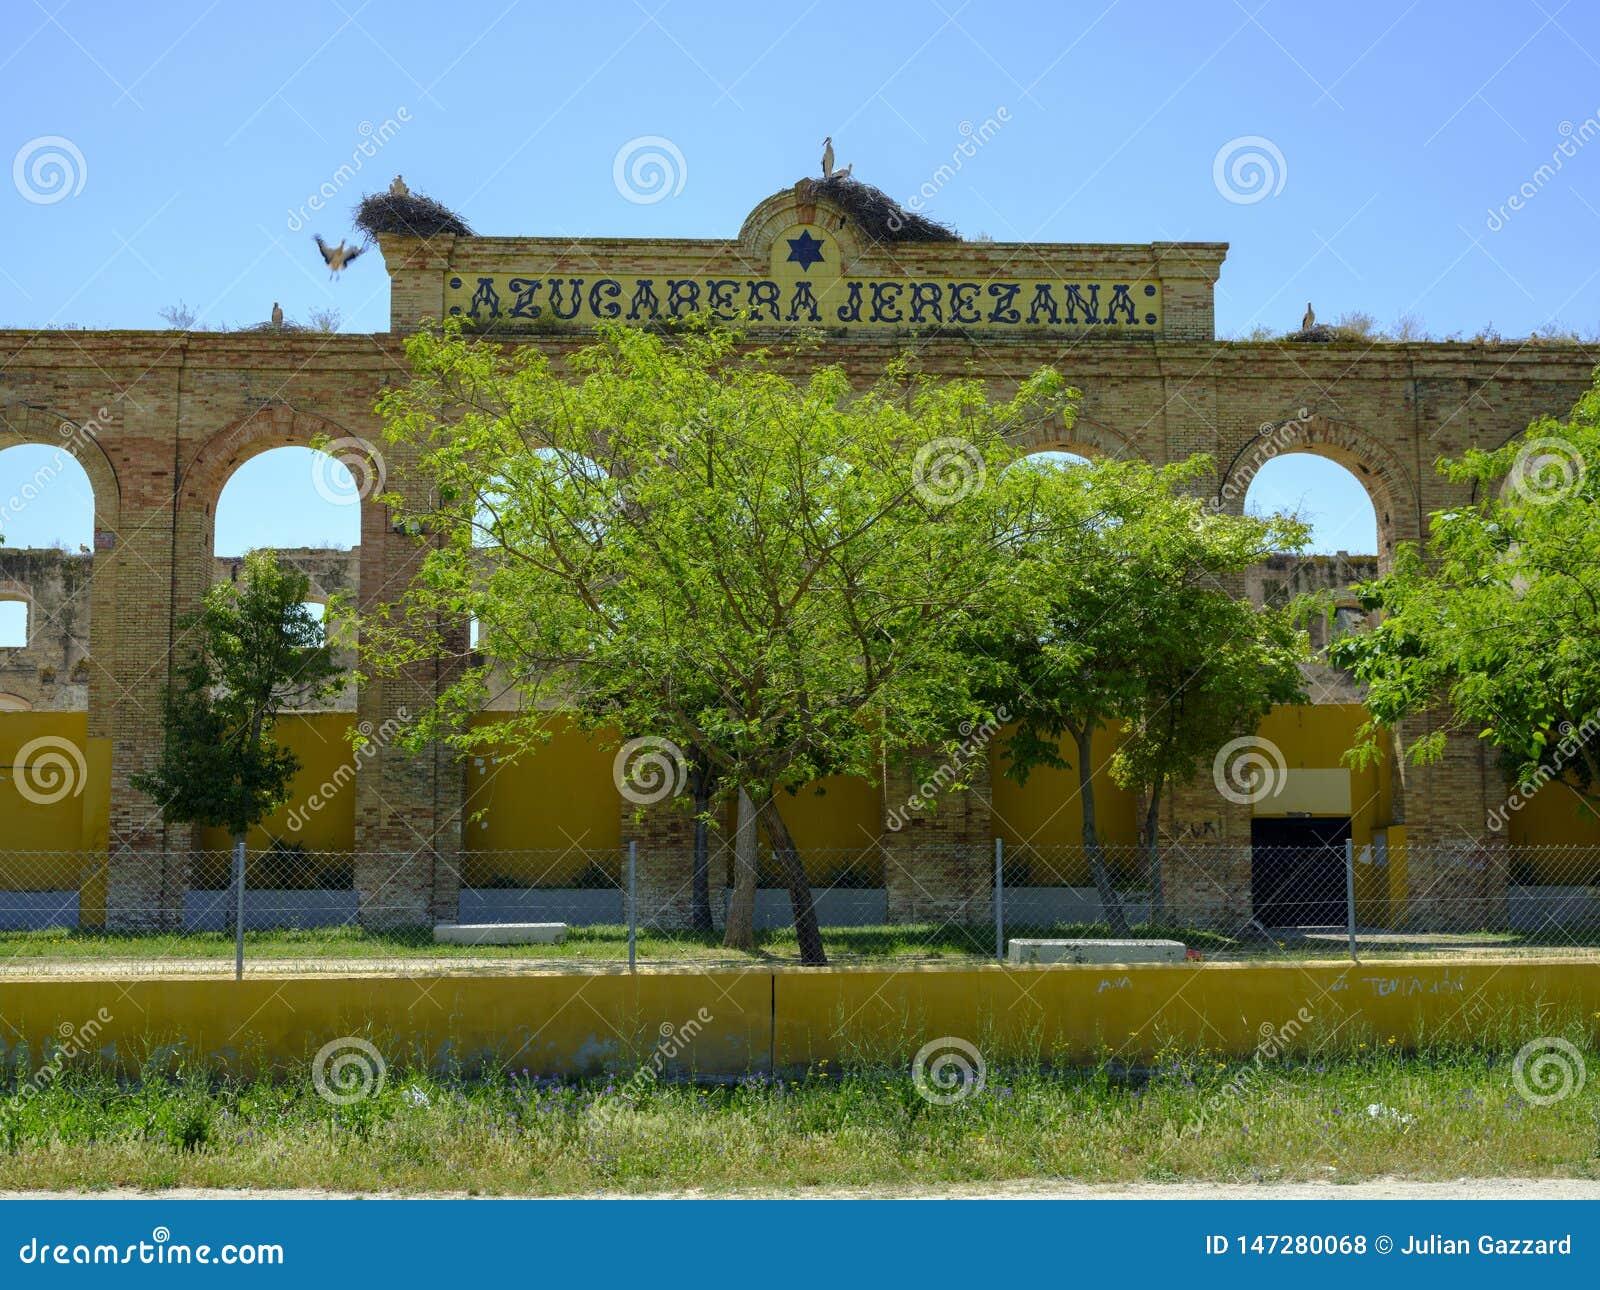 Τοποθεμένος πελαργοί σε ένα εγκαταλελειμμένο εργοστάσιο, Ισπανία